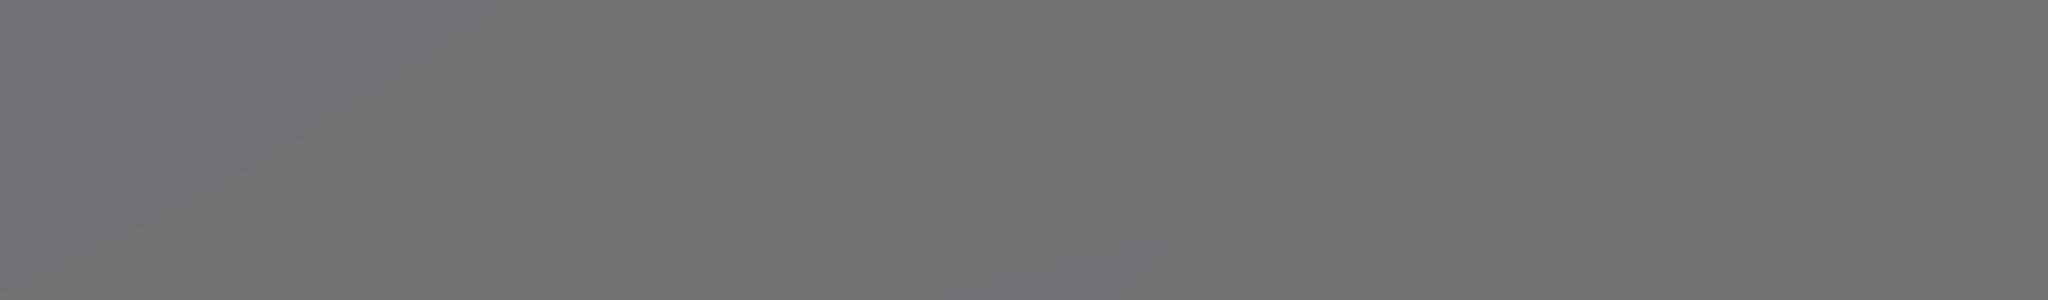 HU 171229 кромка ABS серая гладкая глянец 90°